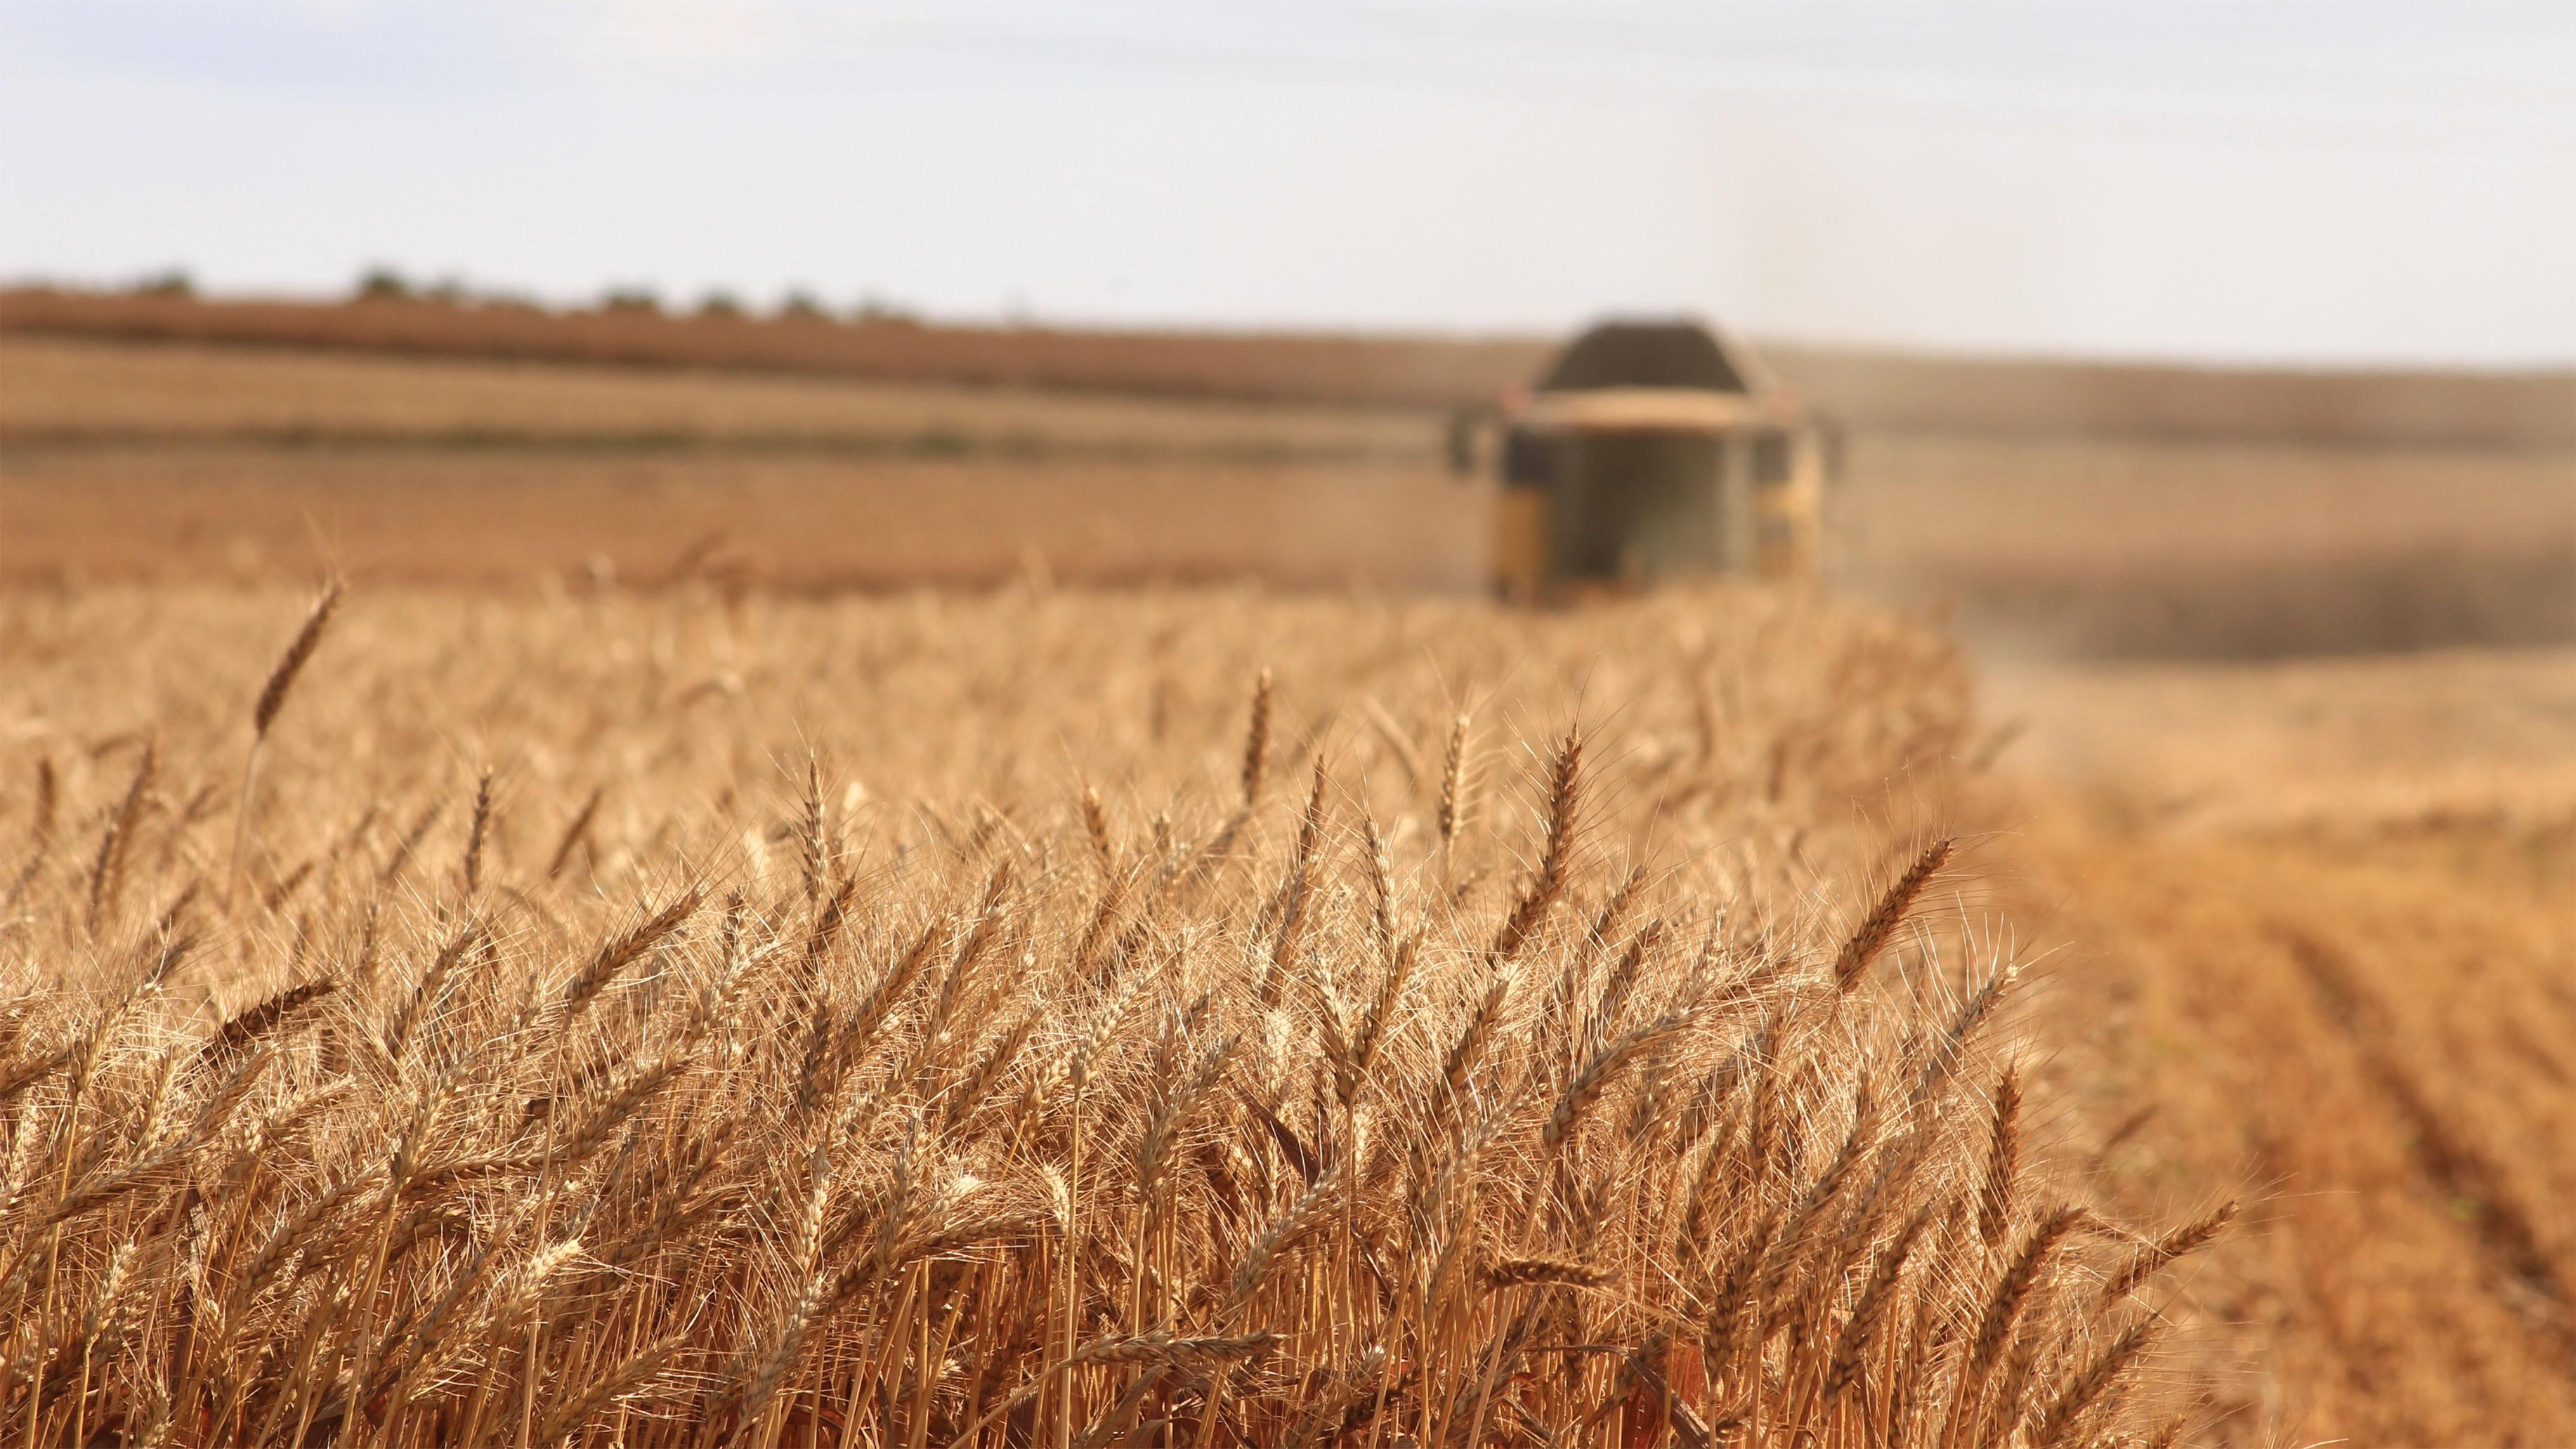 Champ de blé avec un tracteur